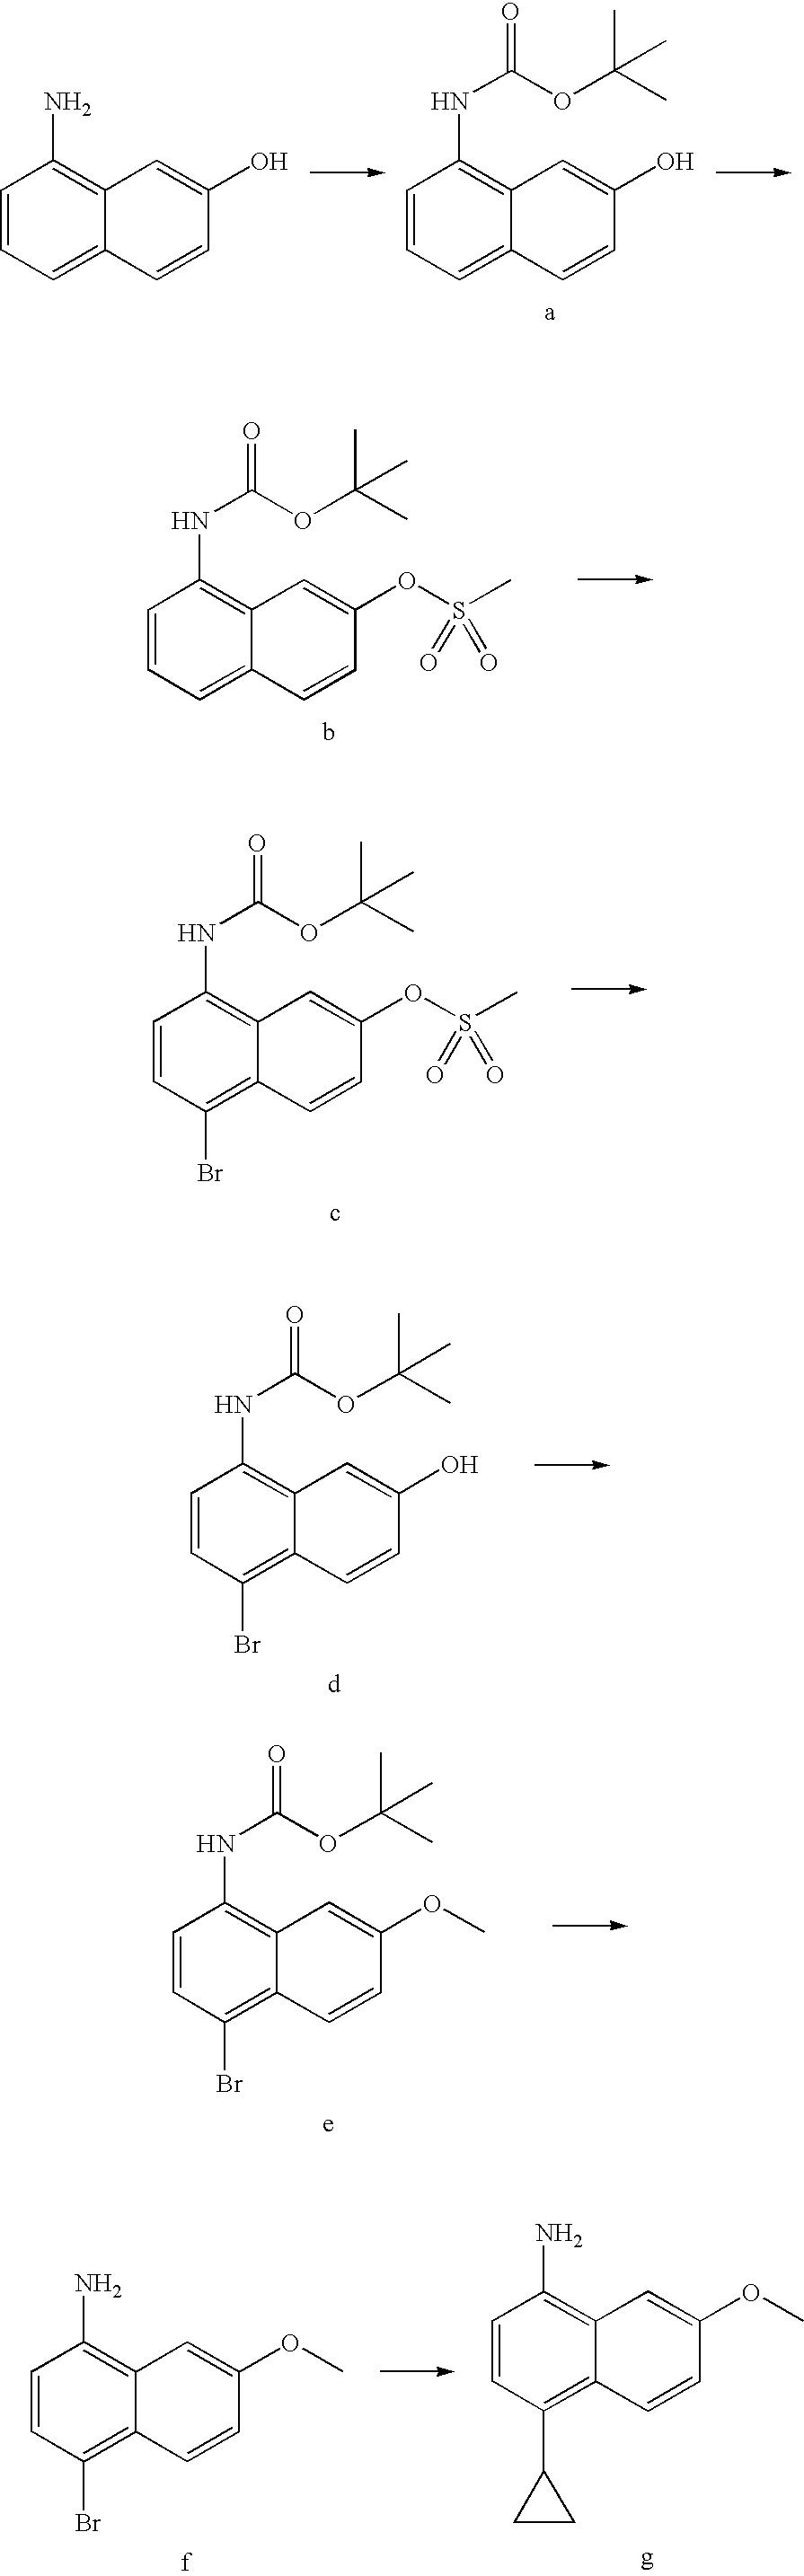 Figure US08003681-20110823-C00018